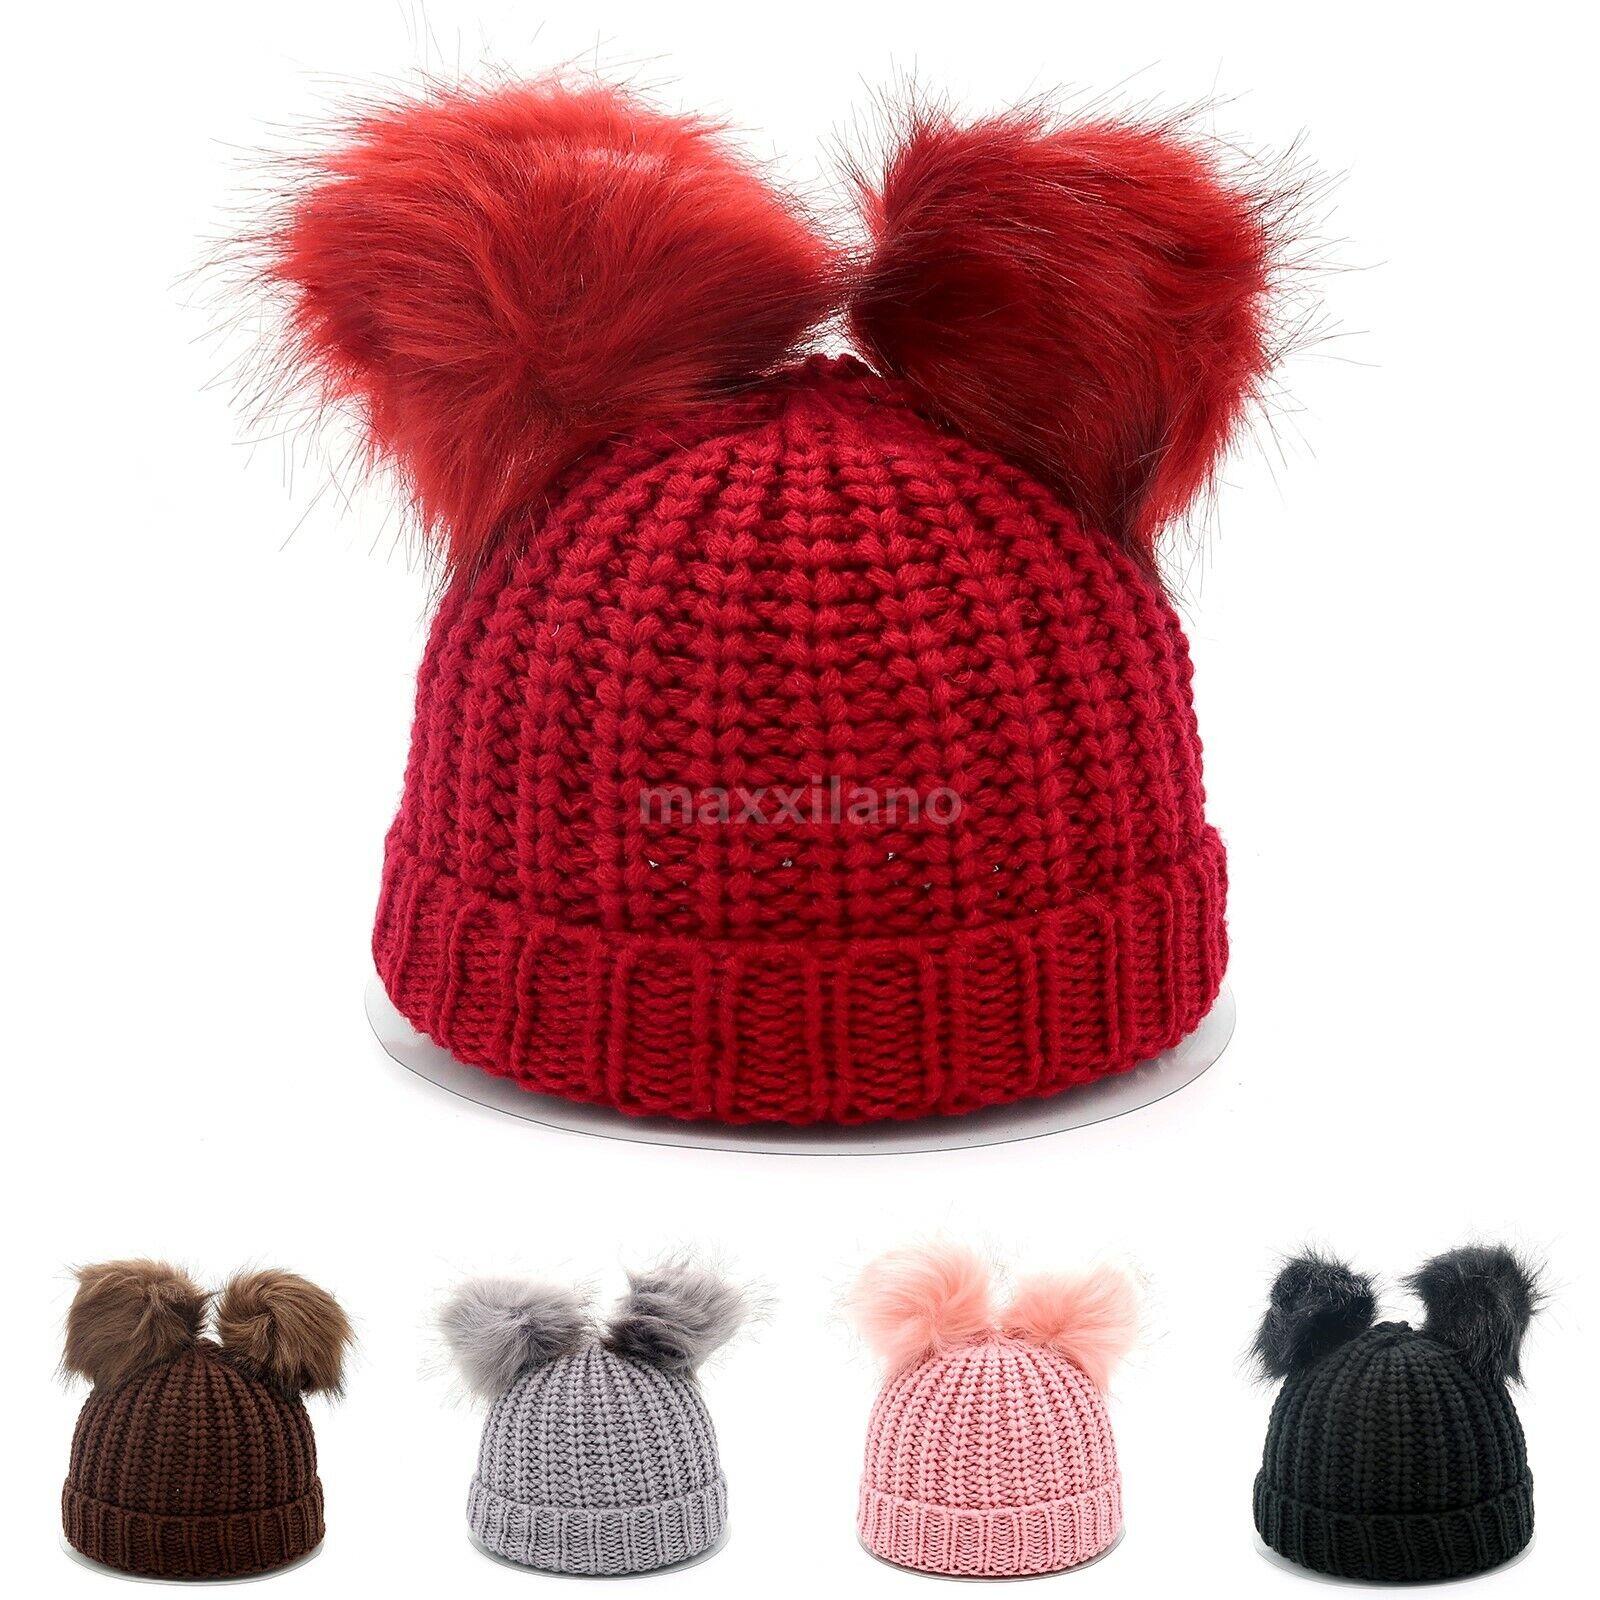 Red knit warm double fur pom poms beanie